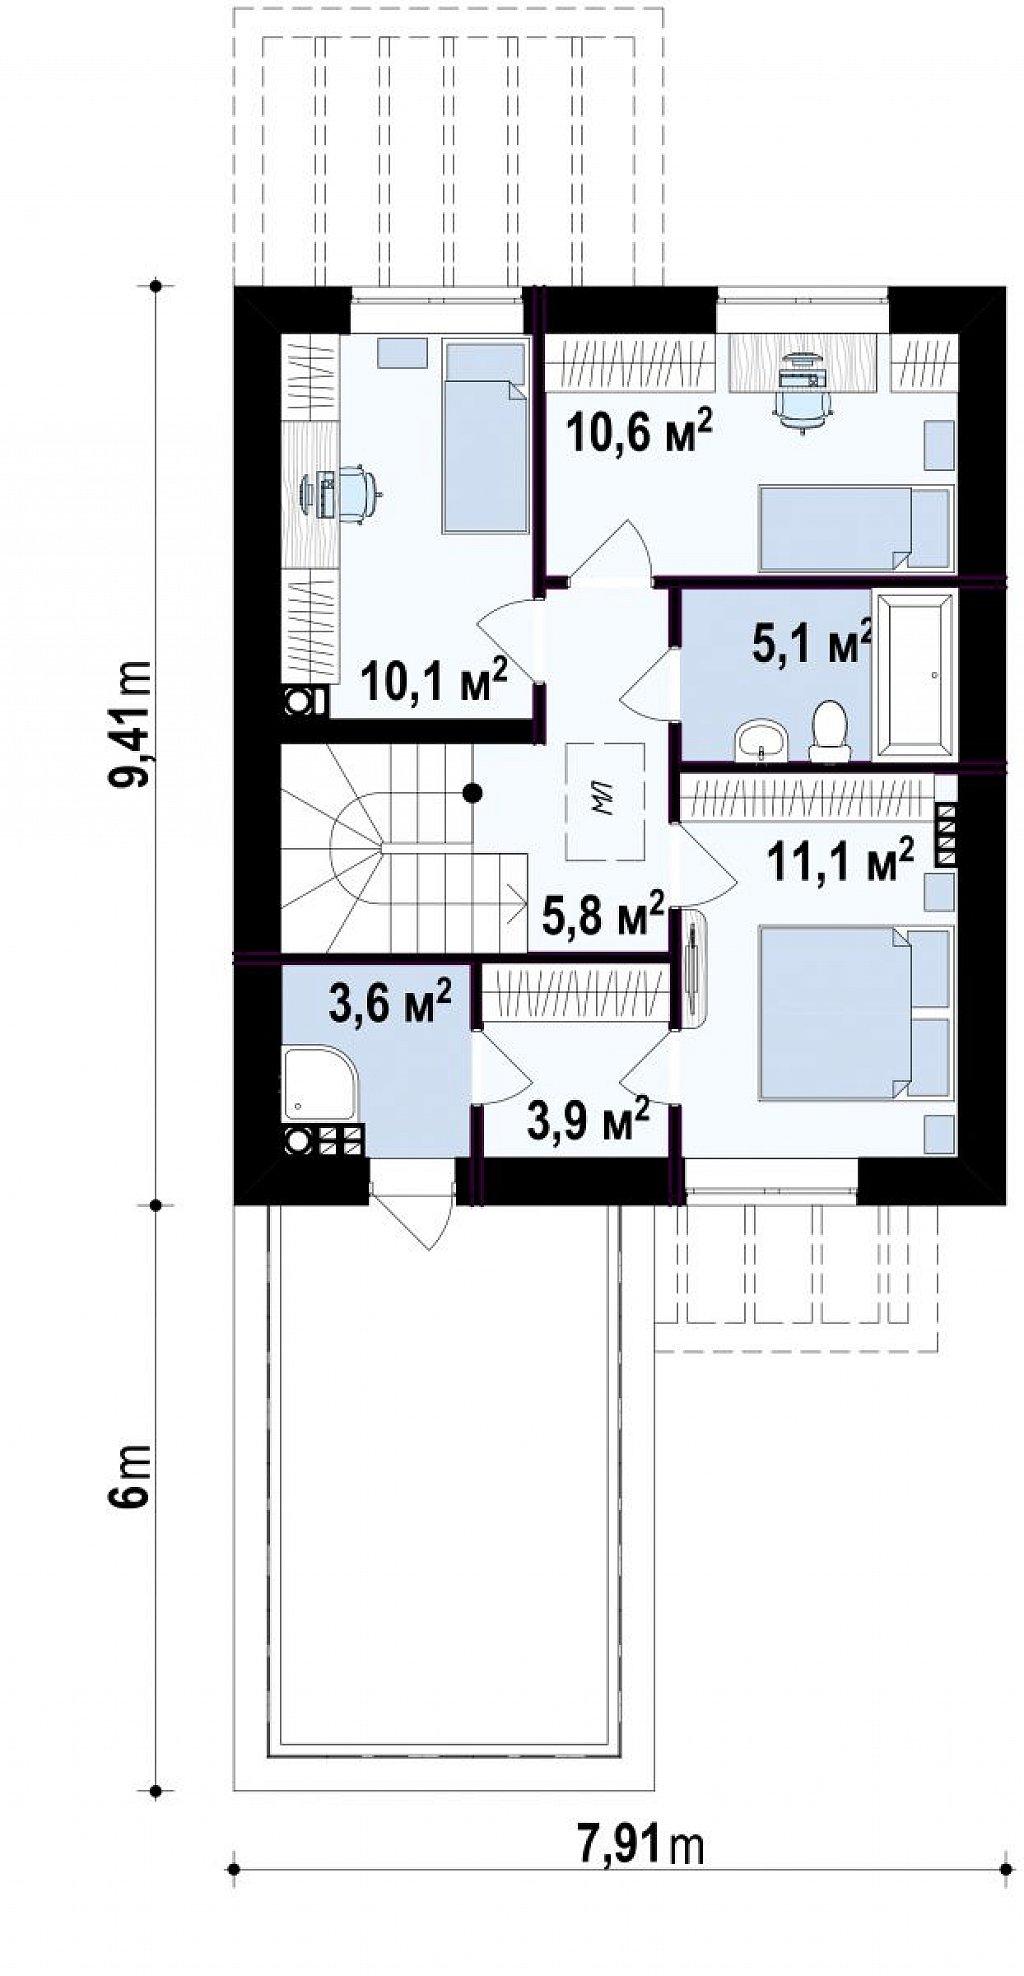 Проект компактного современного дома с двухуровневой планировкой и гаражом на один автомобиль. план помещений 2